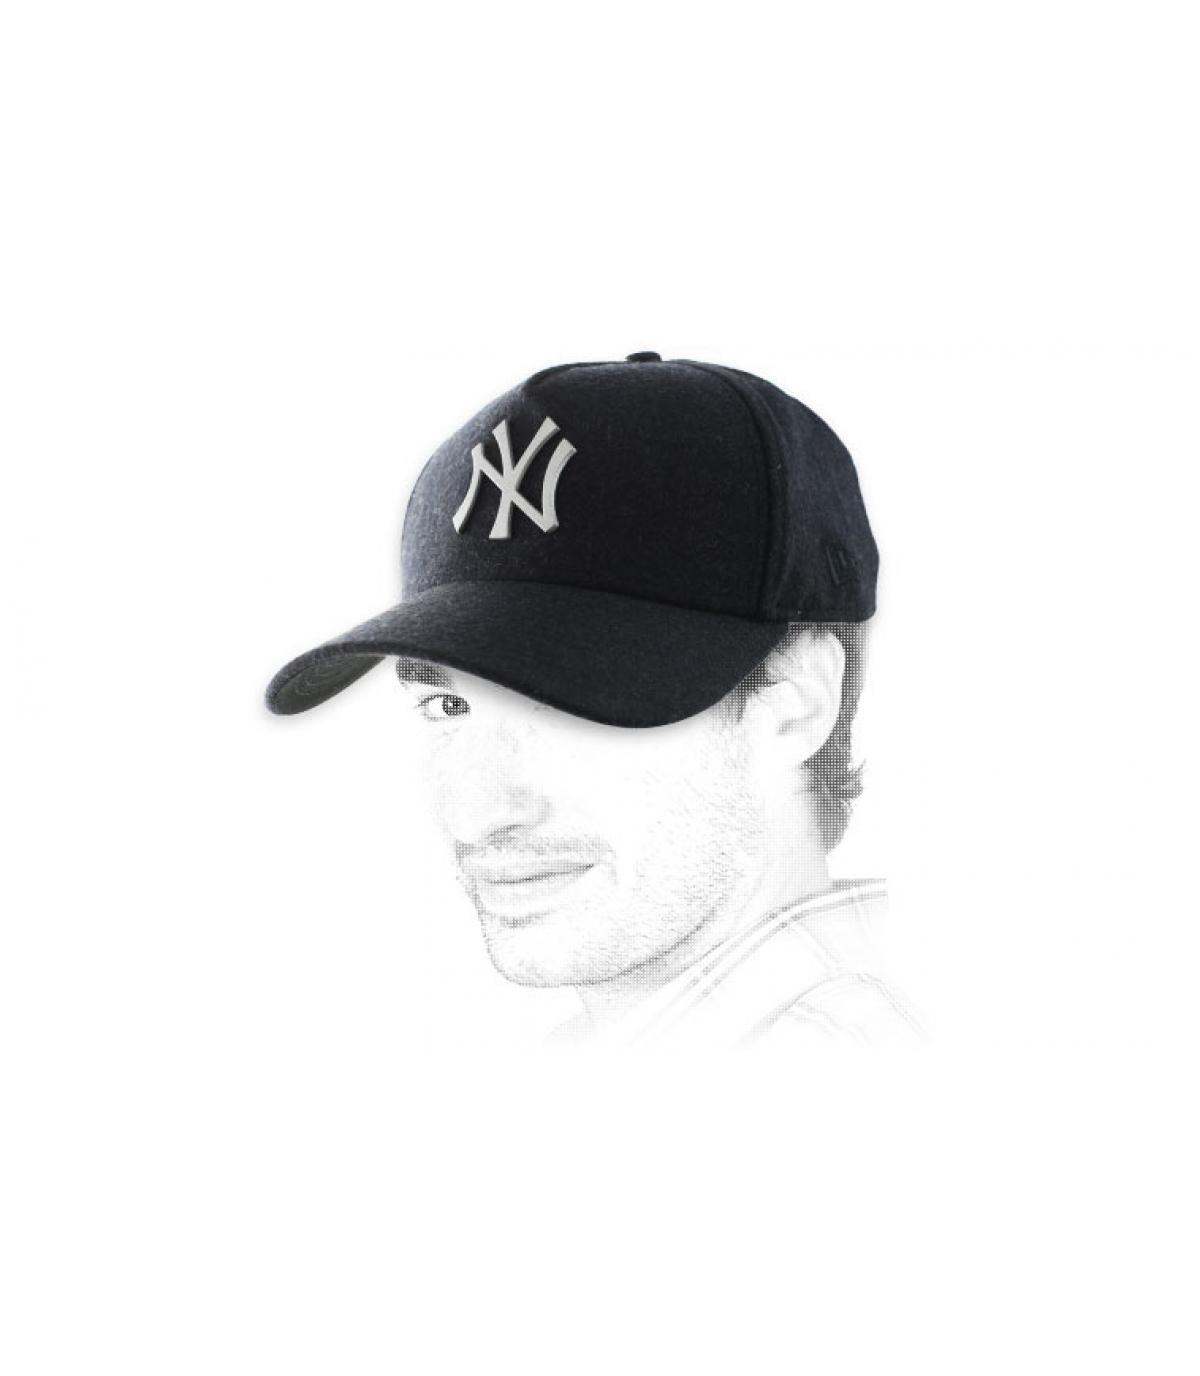 Negro sombrero del logotipo del metal de NY